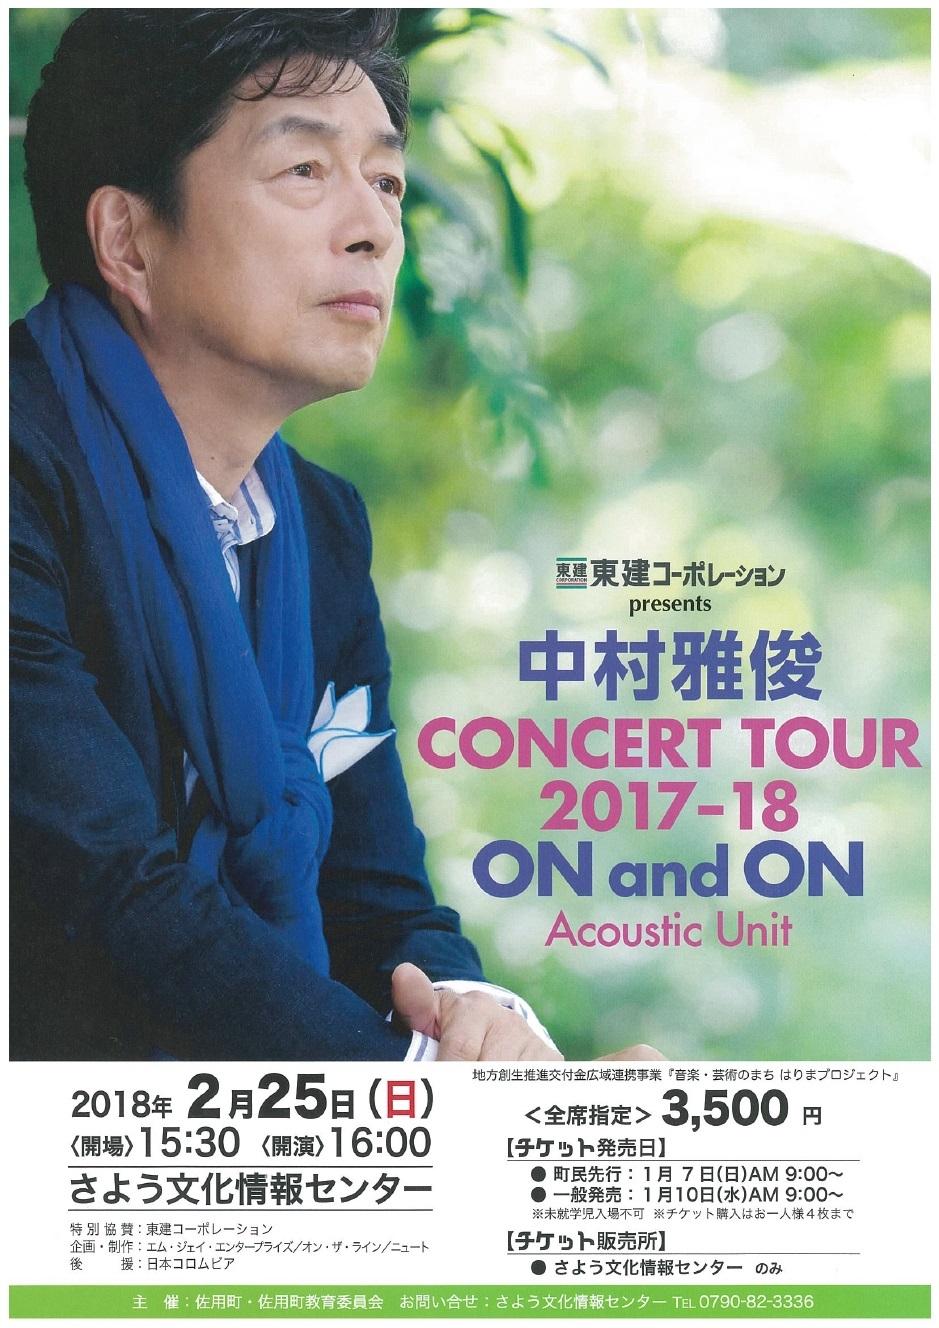 東建コーポレーション presents 中村雅俊 CONCERT TOUR 2017~18 ON and ON Acoustic Unit